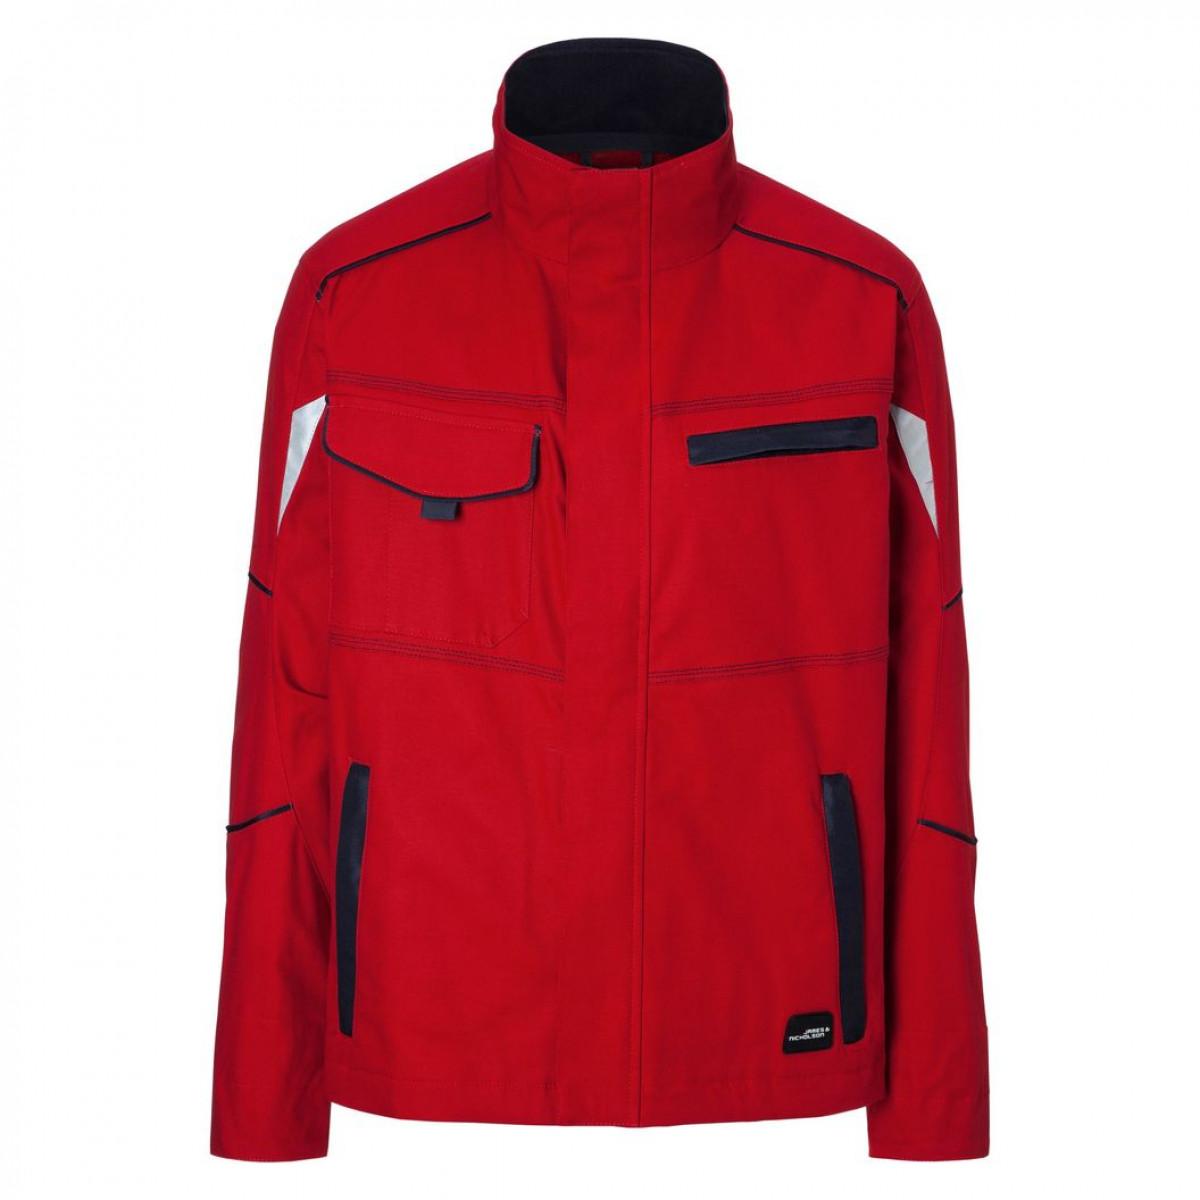 Куртка мужская JN849 Workwear Jacket - Красный/Темно-синий